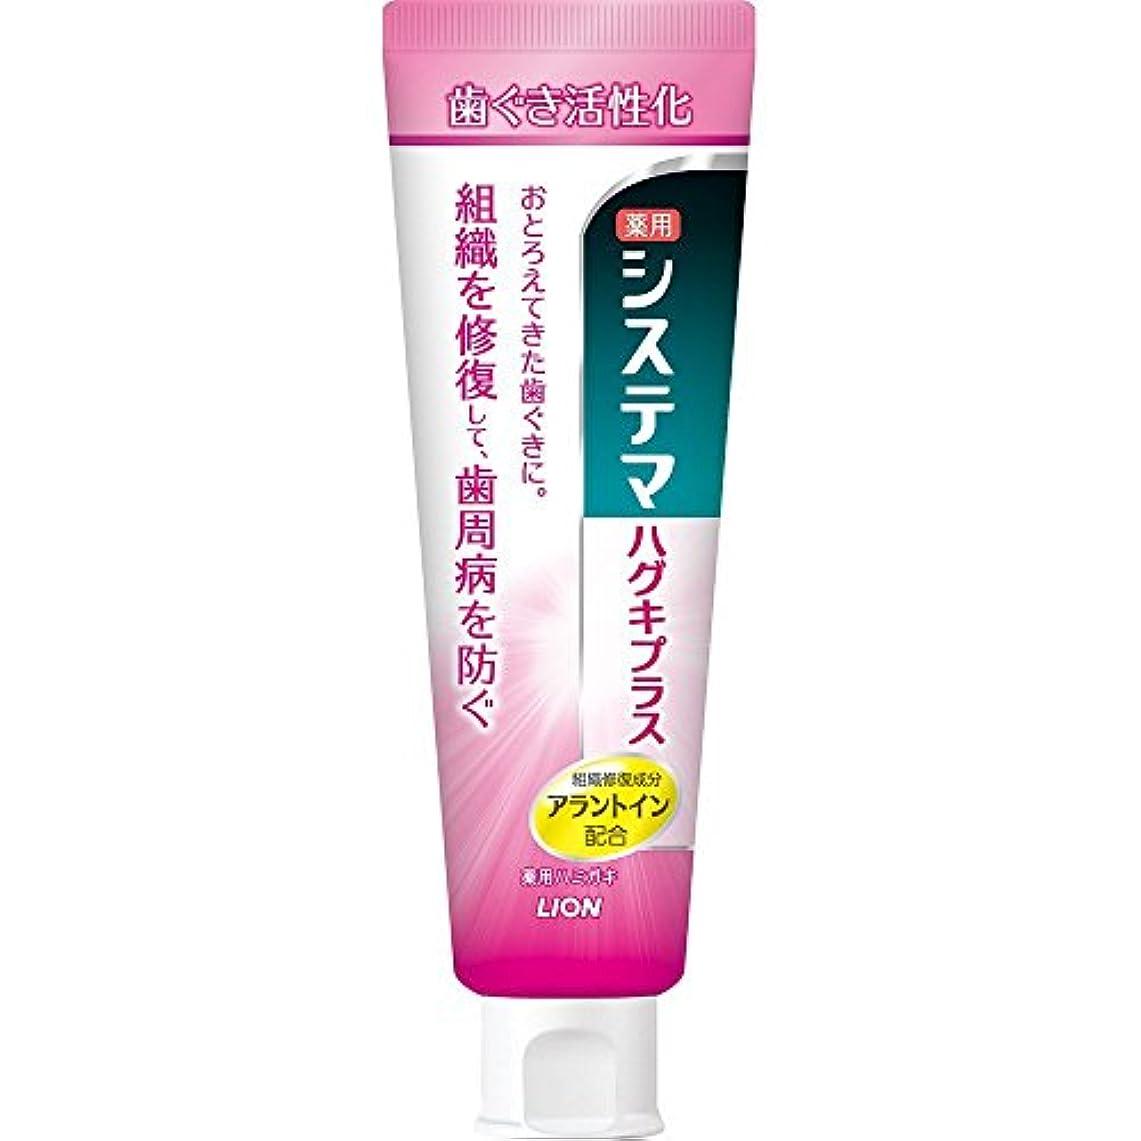 愛情神秘恵みシステマ ハグキプラス ハミガキ 90g (医薬部外品) x3本セット